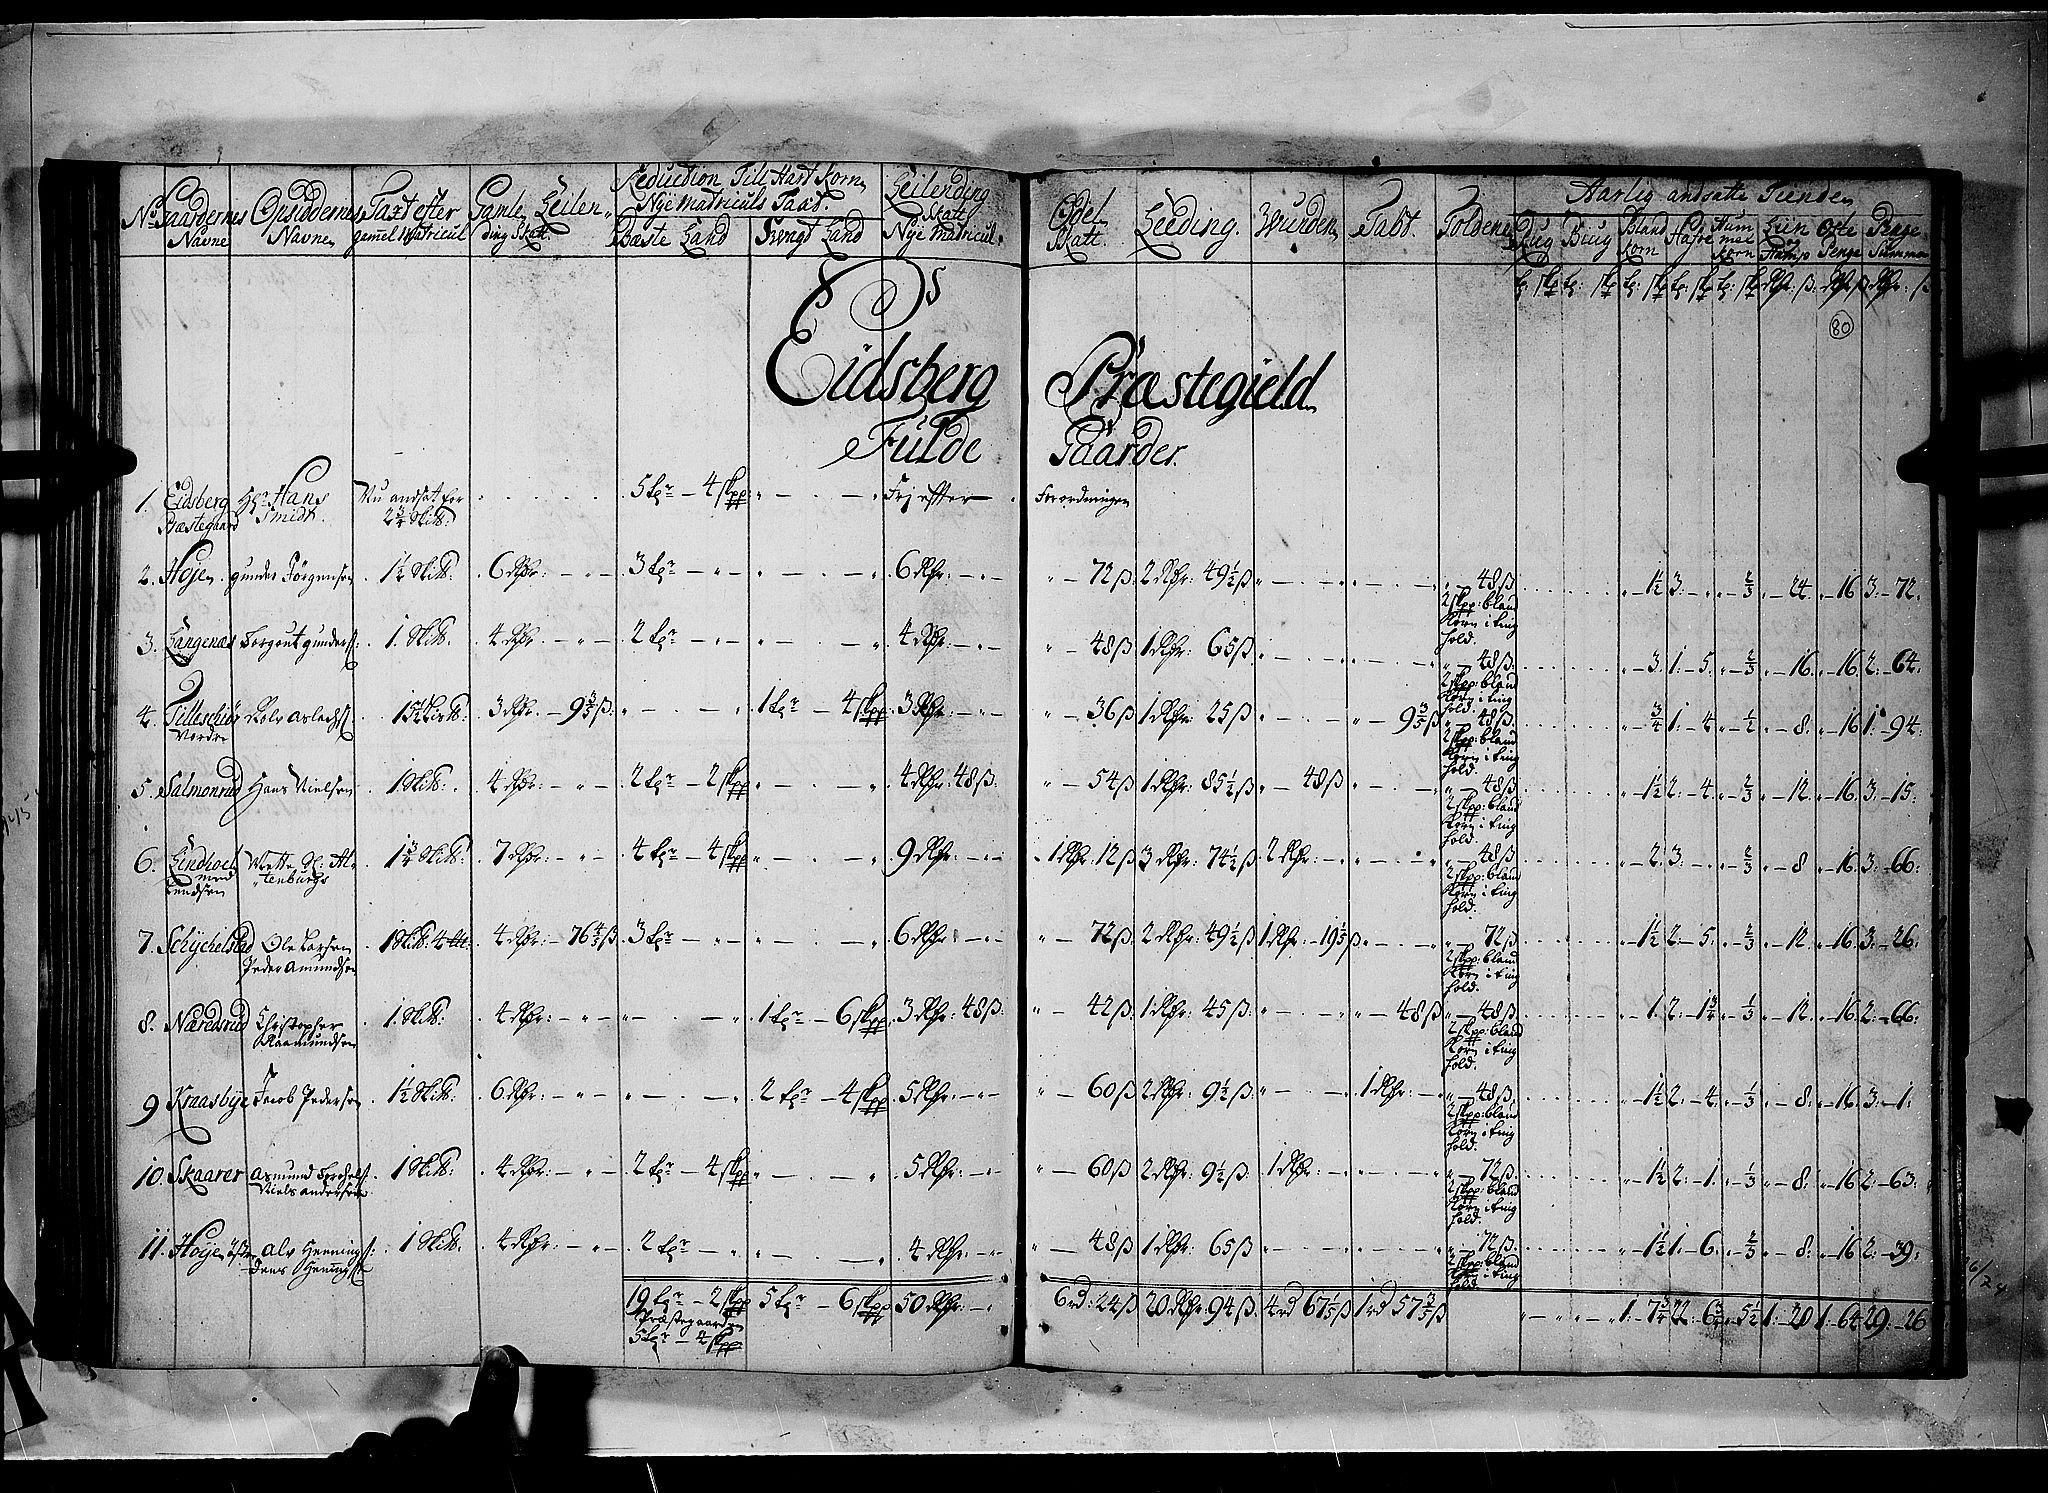 RA, Rentekammeret inntil 1814, Realistisk ordnet avdeling, N/Nb/Nbf/L0100: Rakkestad, Heggen og Frøland matrikkelprotokoll, 1723, s. 79b-80a